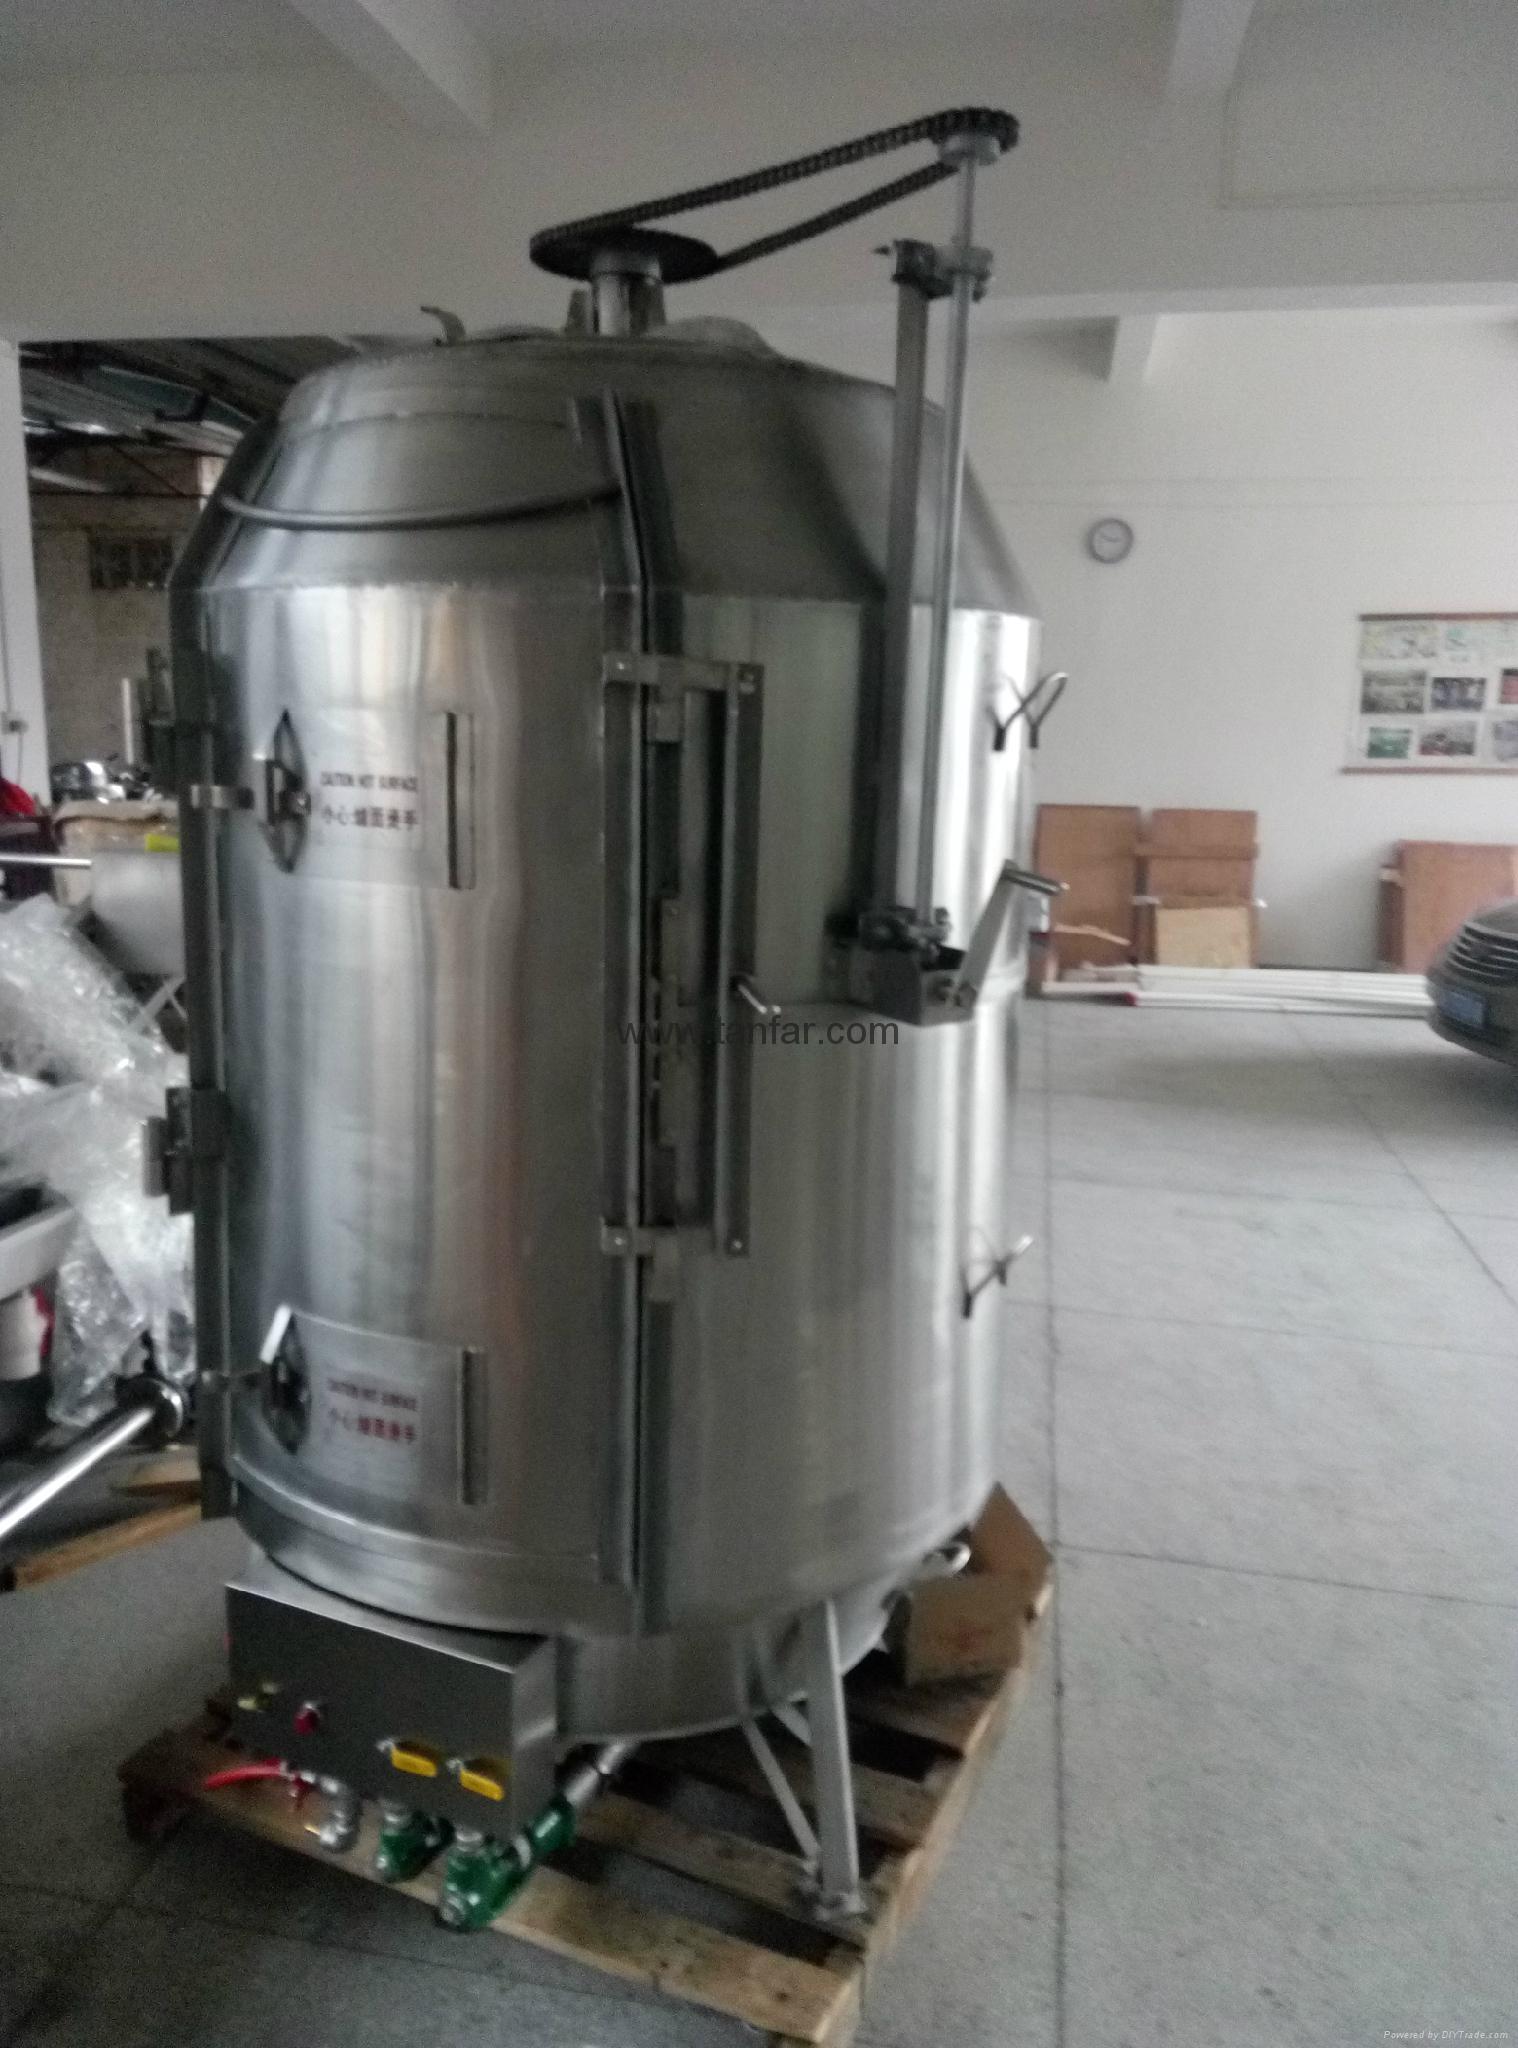 日本電加熱式燒烤機 燒烤爐 串燒機higo griller 3P-210C 19